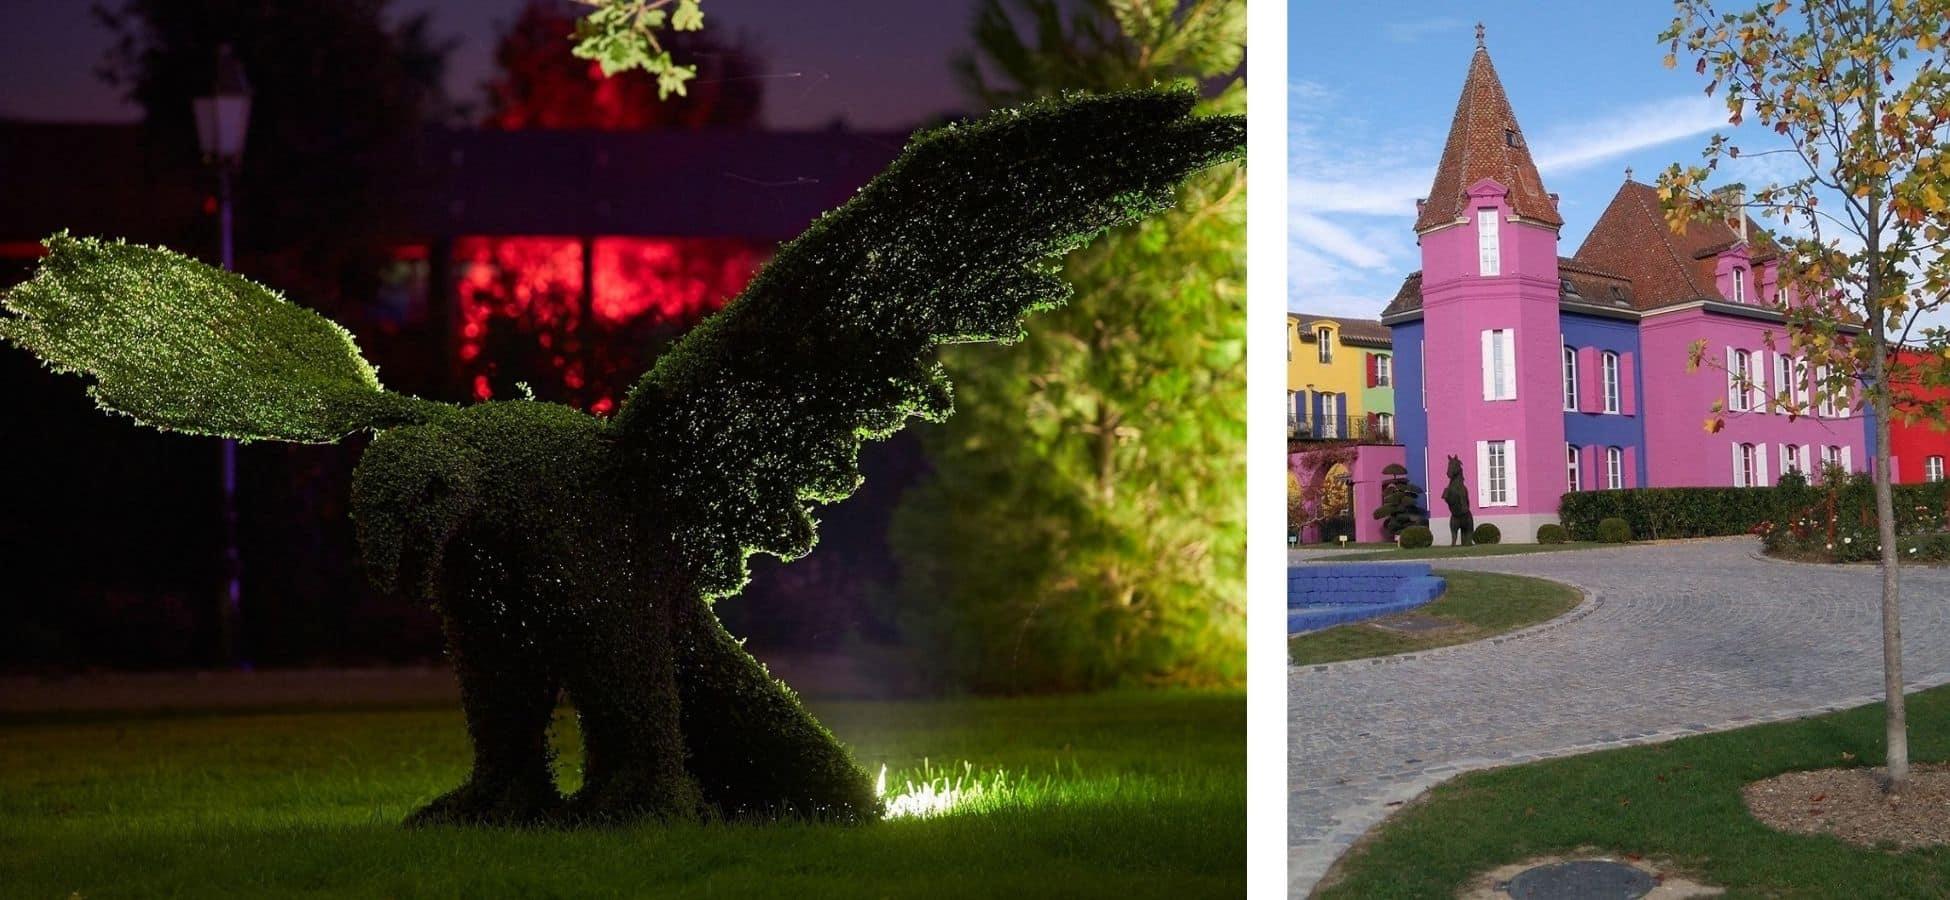 A gauche : une topiaire en forme d'aigle au Stelsia   a droite : le chateau Stelsia